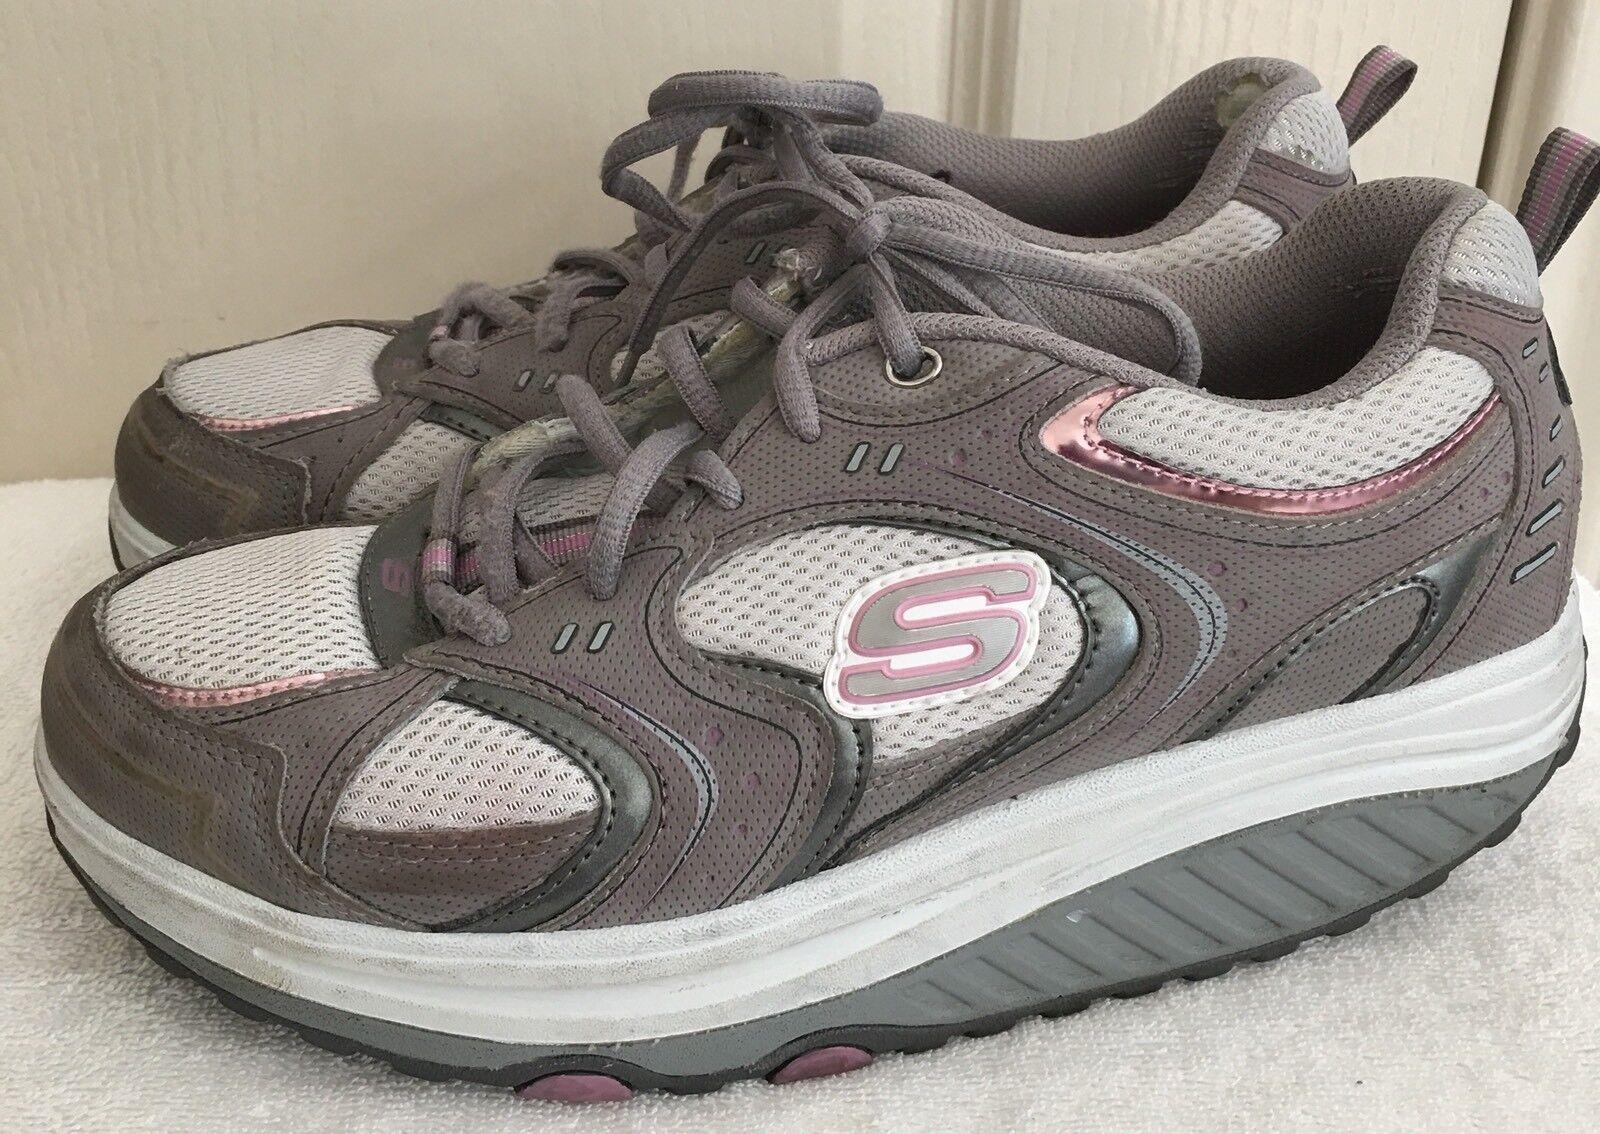 Womens SKECHERS Walking SHAPE UPS 11806 Gray/Purple Toning Walking SKECHERS Shoes SIZE 9.5/39.5 cc3ff4